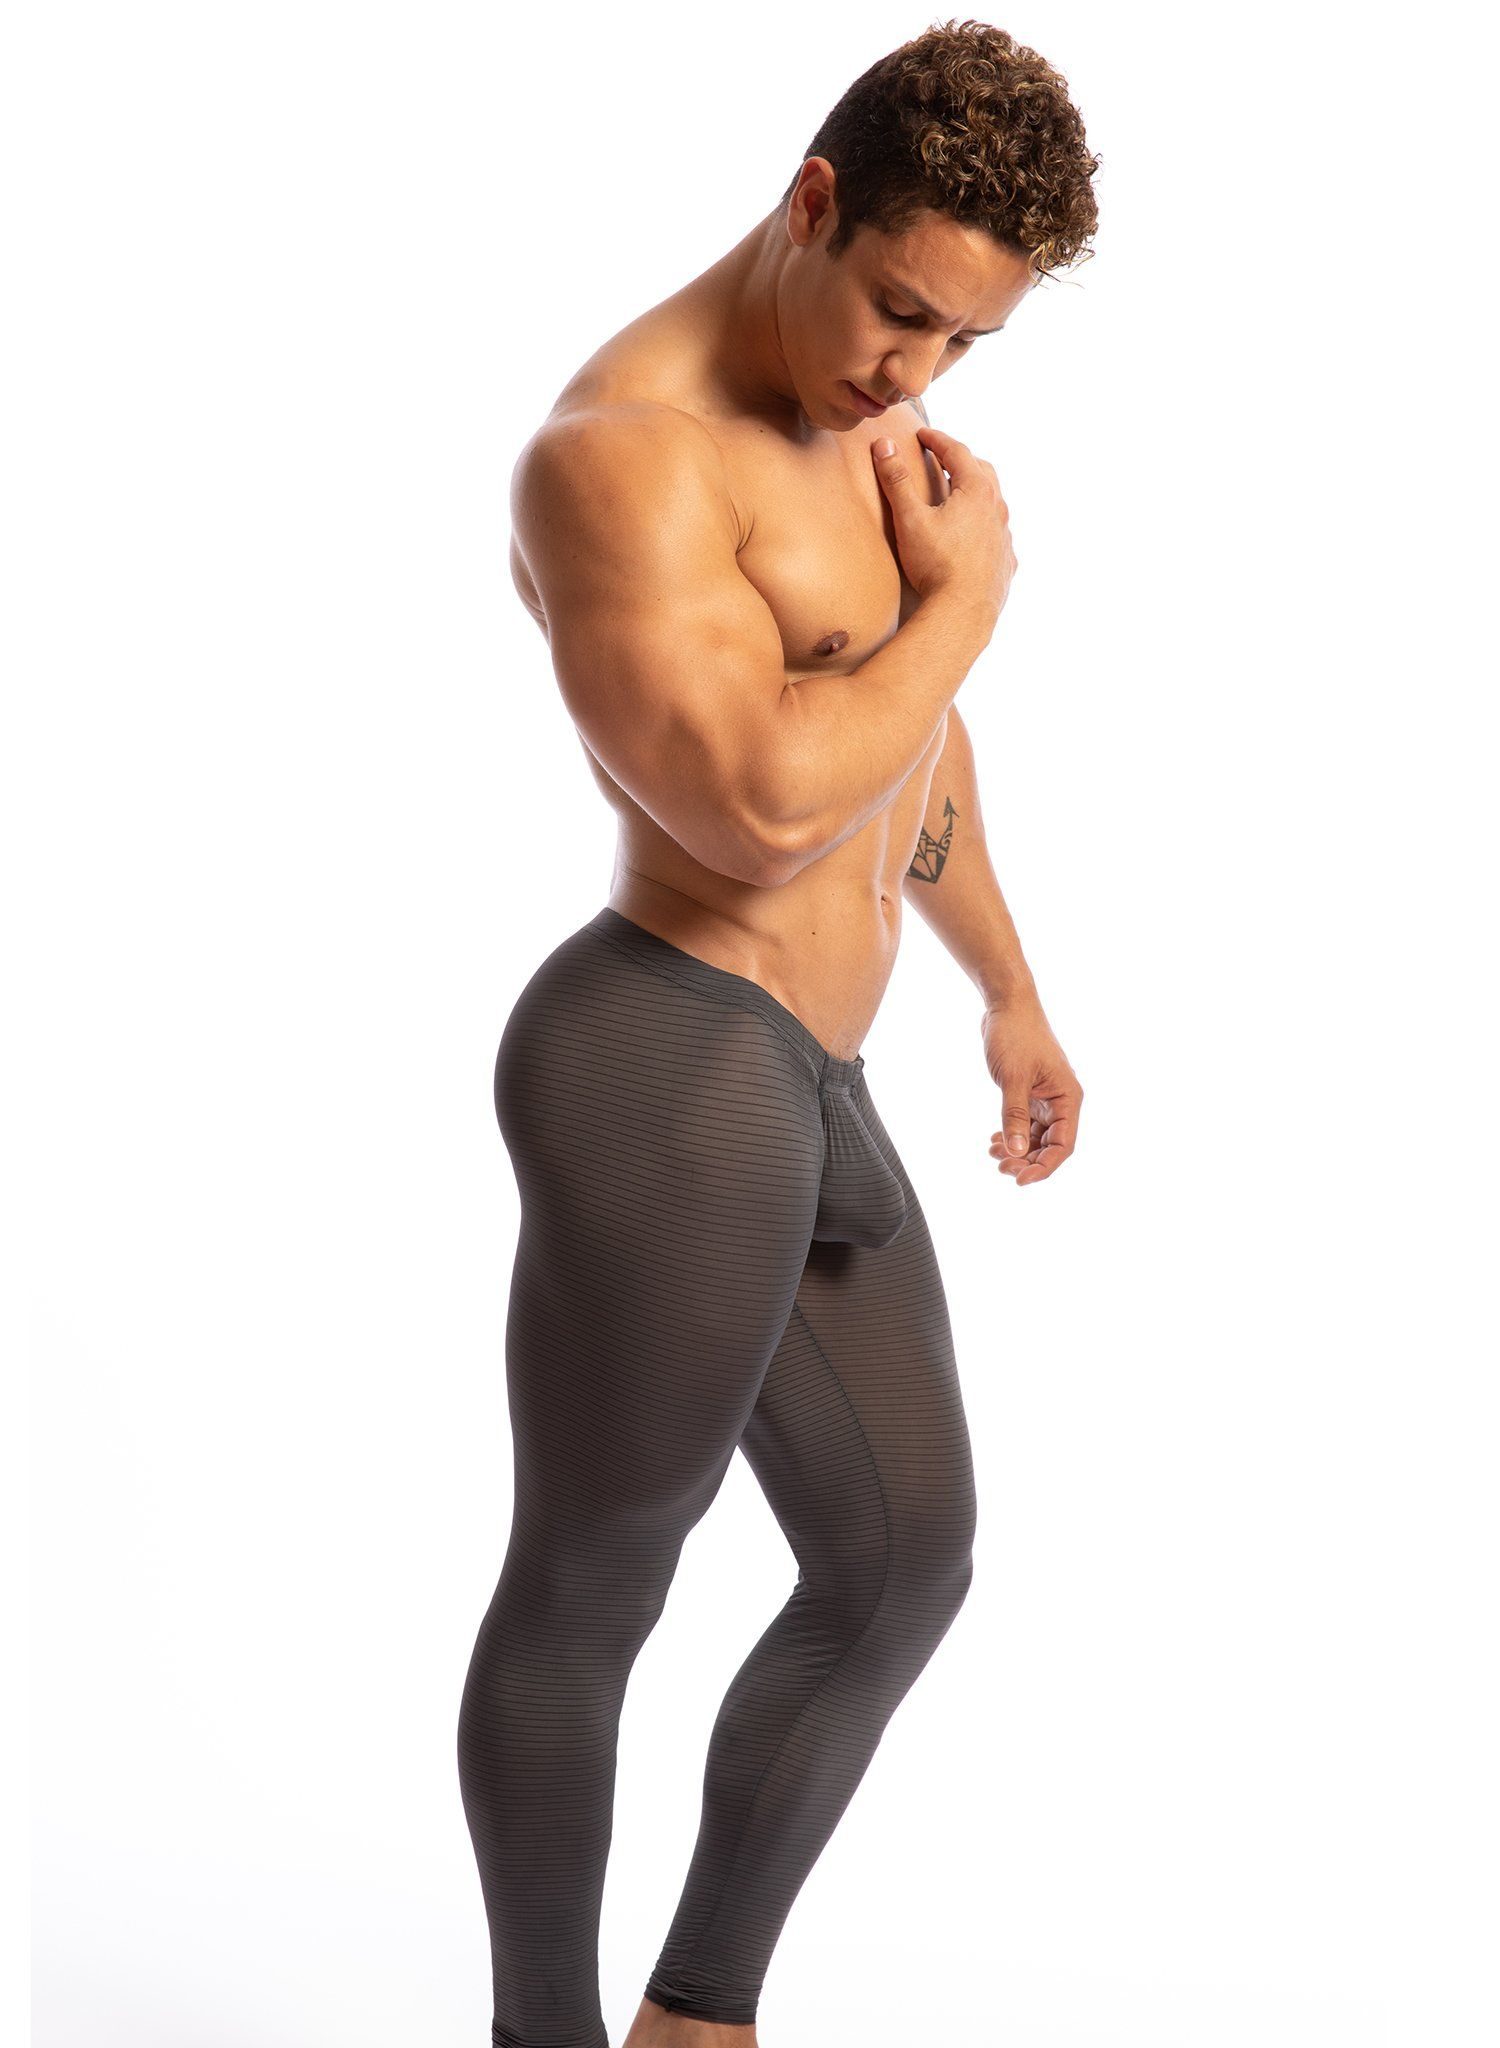 N2N Bodywear Paramore Tight